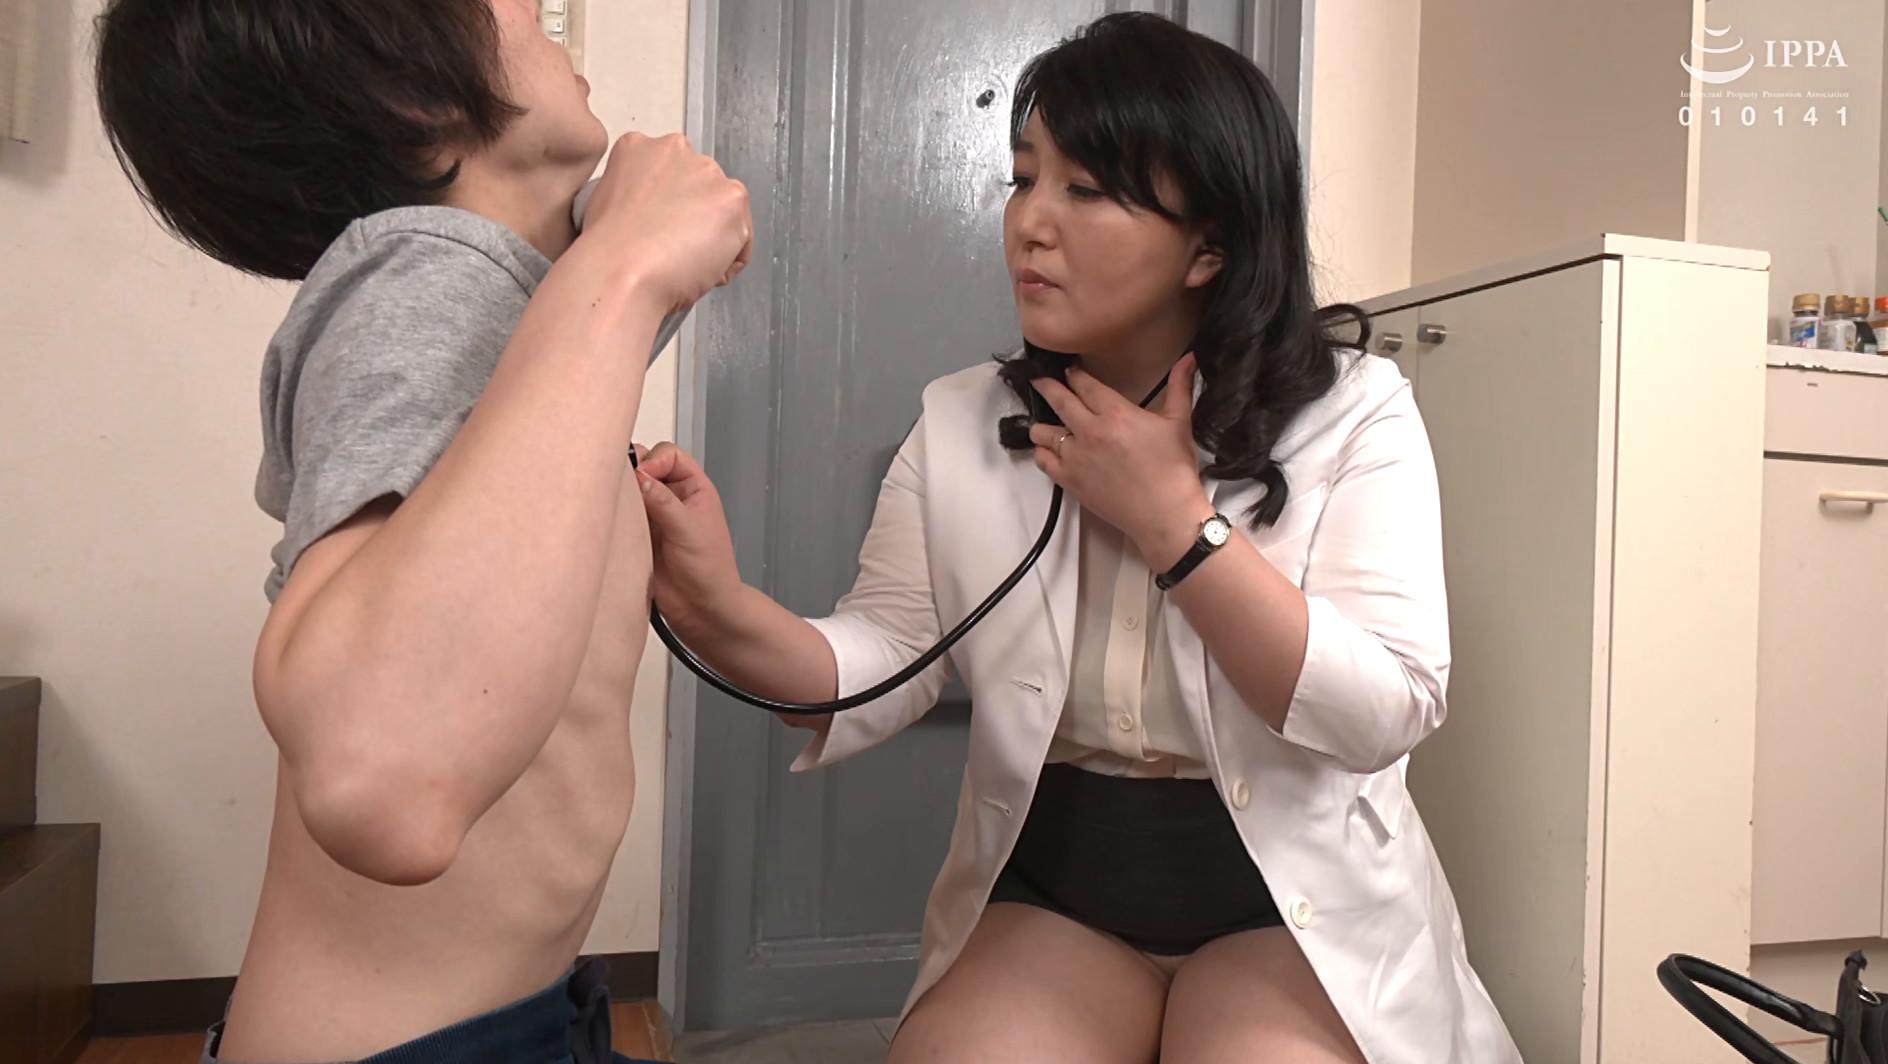 熟れた女医さんがデカチンを弄ぶドスケベ勃起検診 美園ひとみ 五十歳,のサンプル画像1